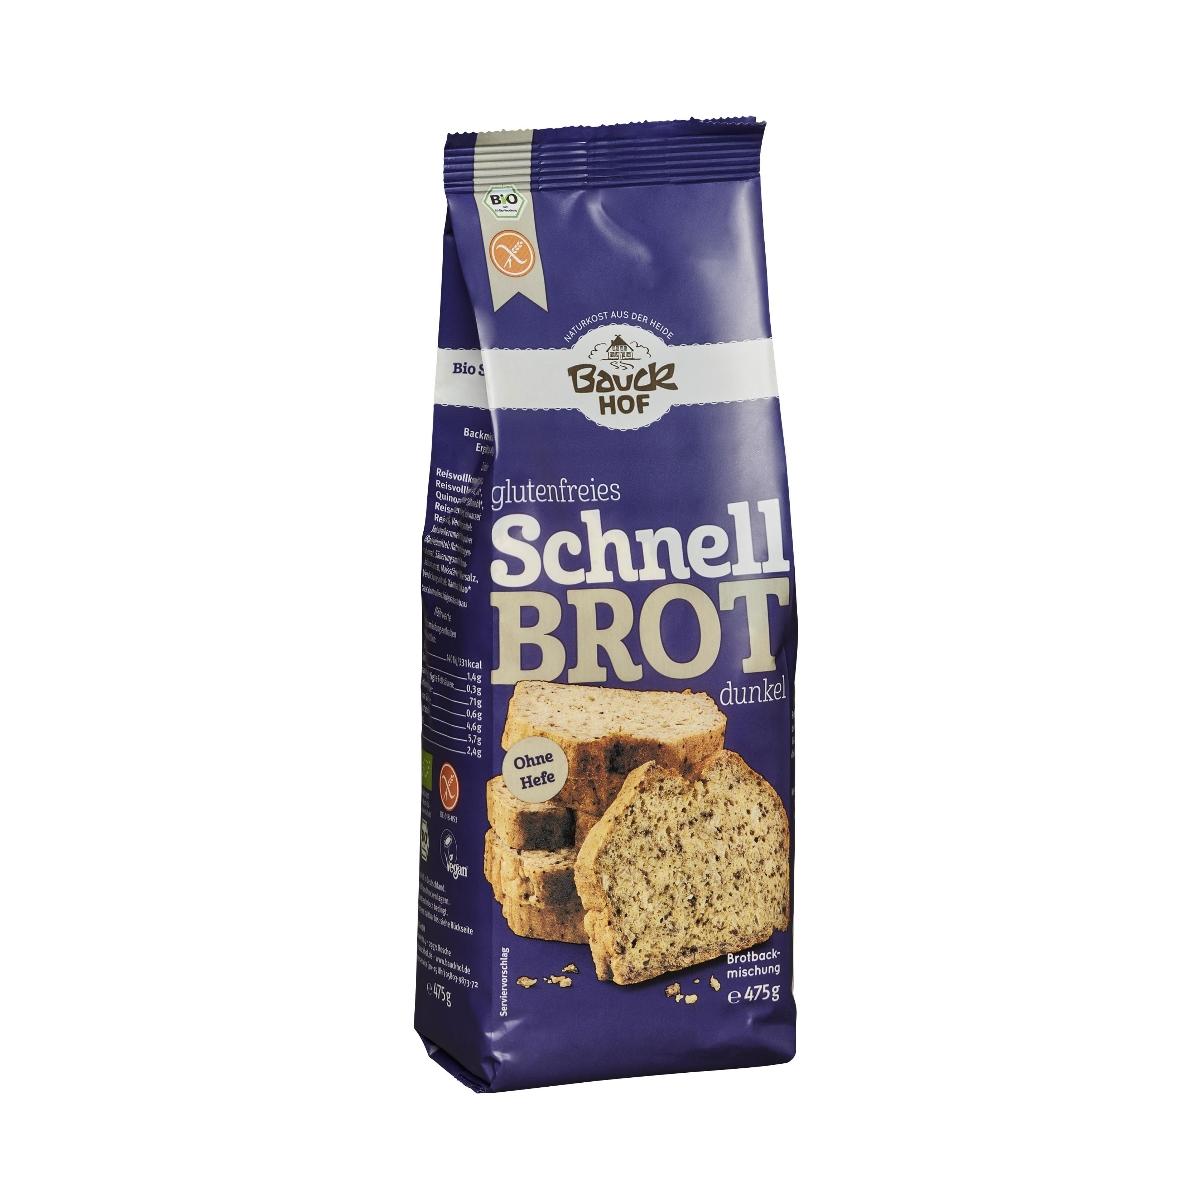 Bio Schnellbrot dunkel Brotmischung ohne Hefe glutenfrei